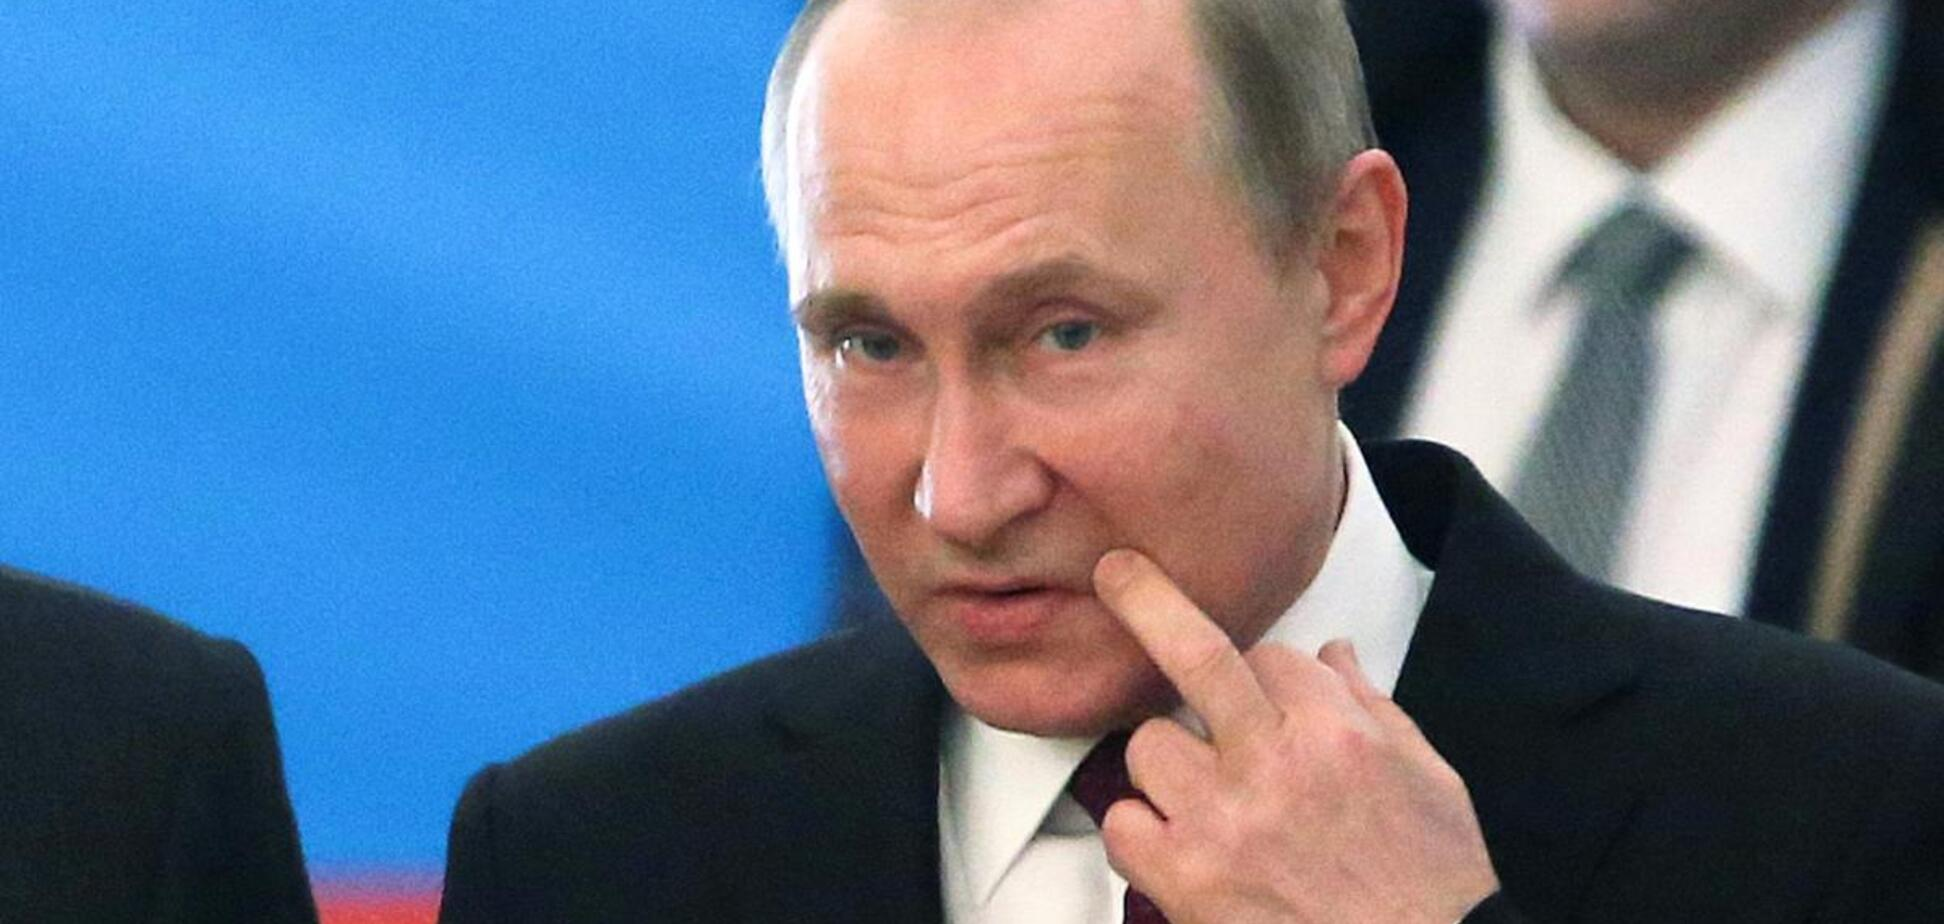 Піонтковський сказав, коли Путін 'полізе' в Україну